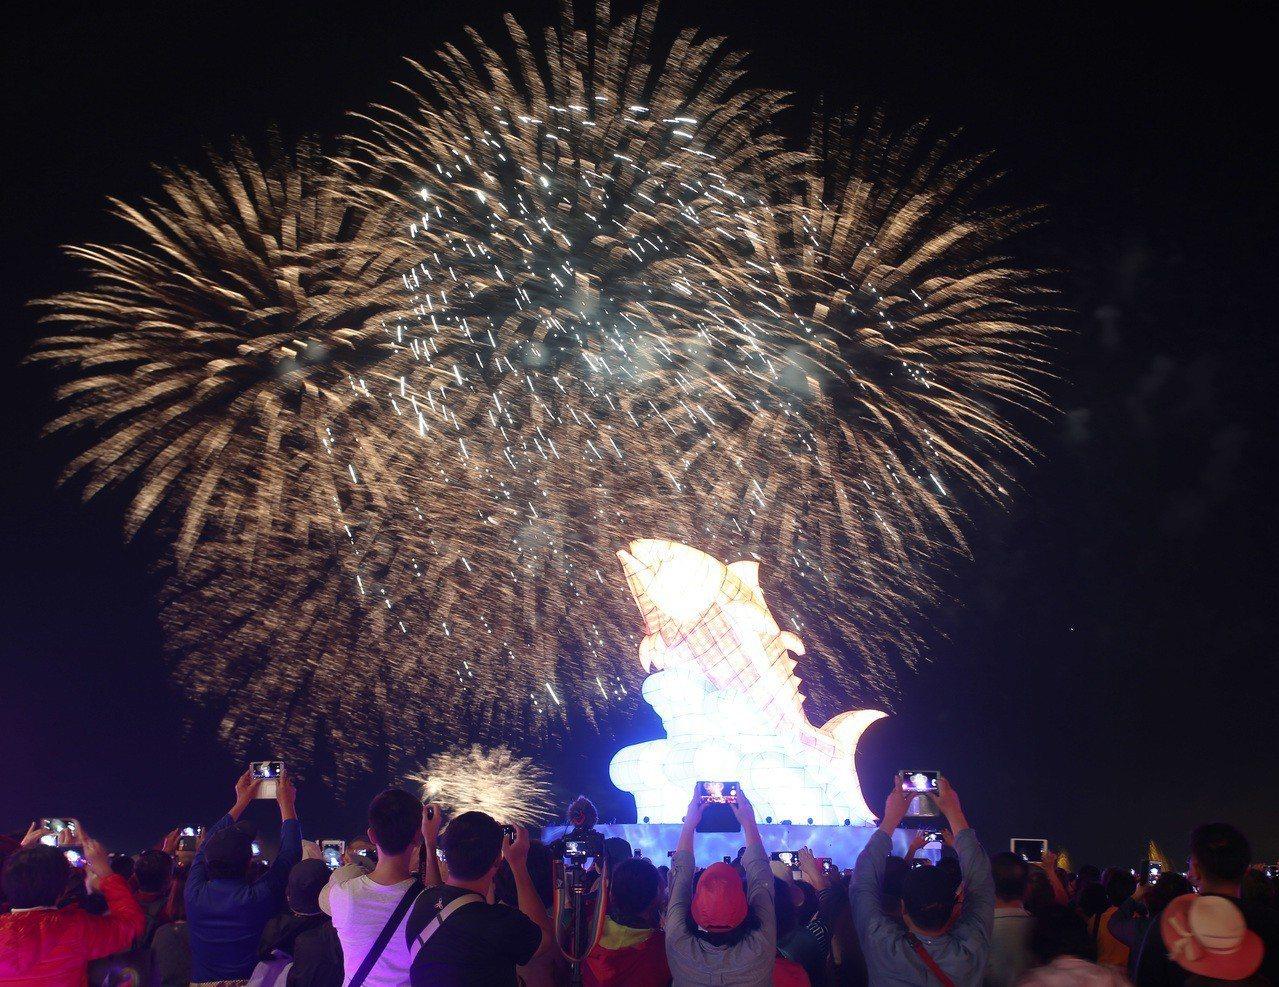 今晚在台灣燈會總彩排中,「巨鮪來富」主燈與海上煙火相互輝映。記者劉學聖/攝影